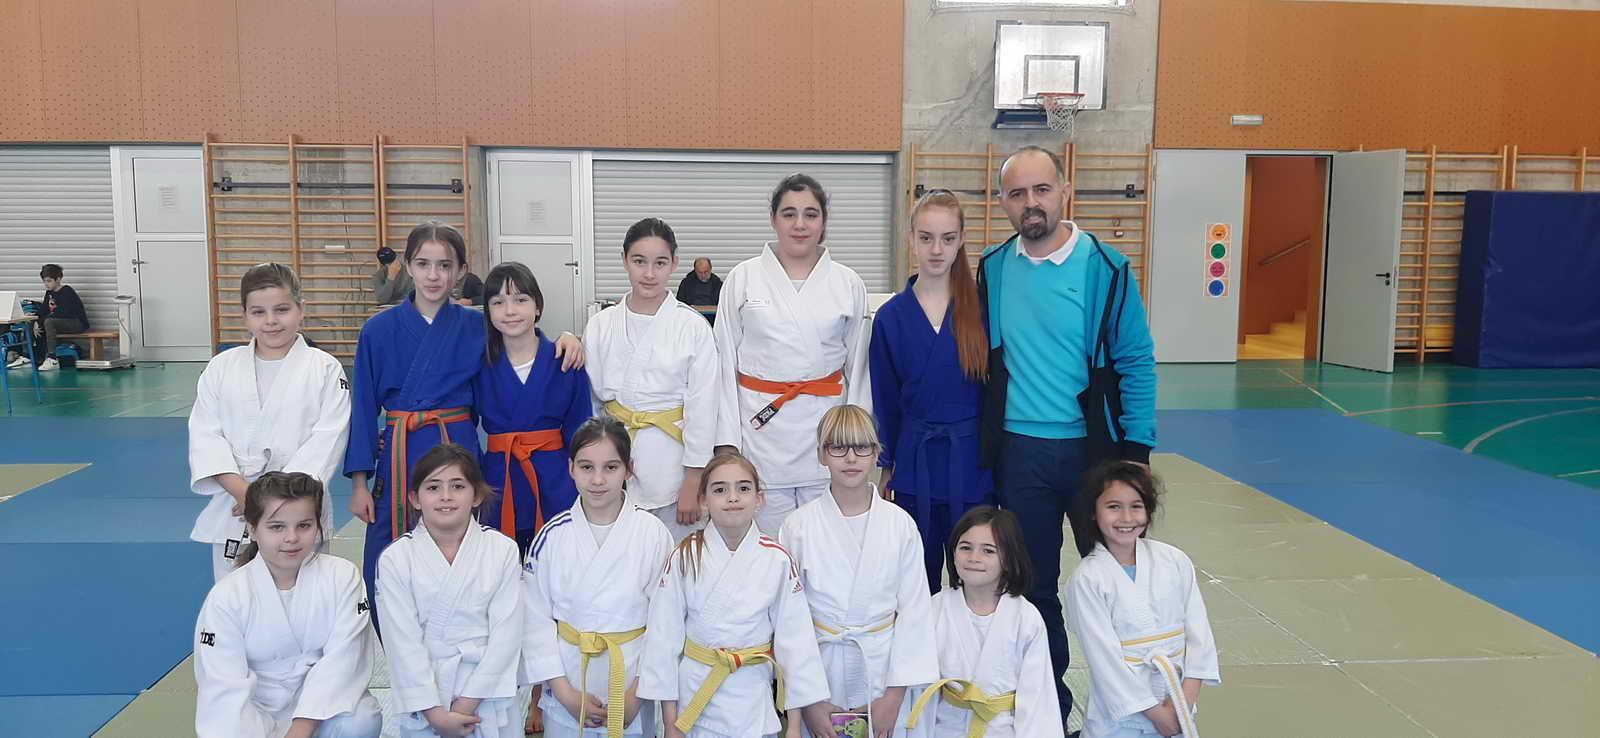 Osnovna škola Cavtat